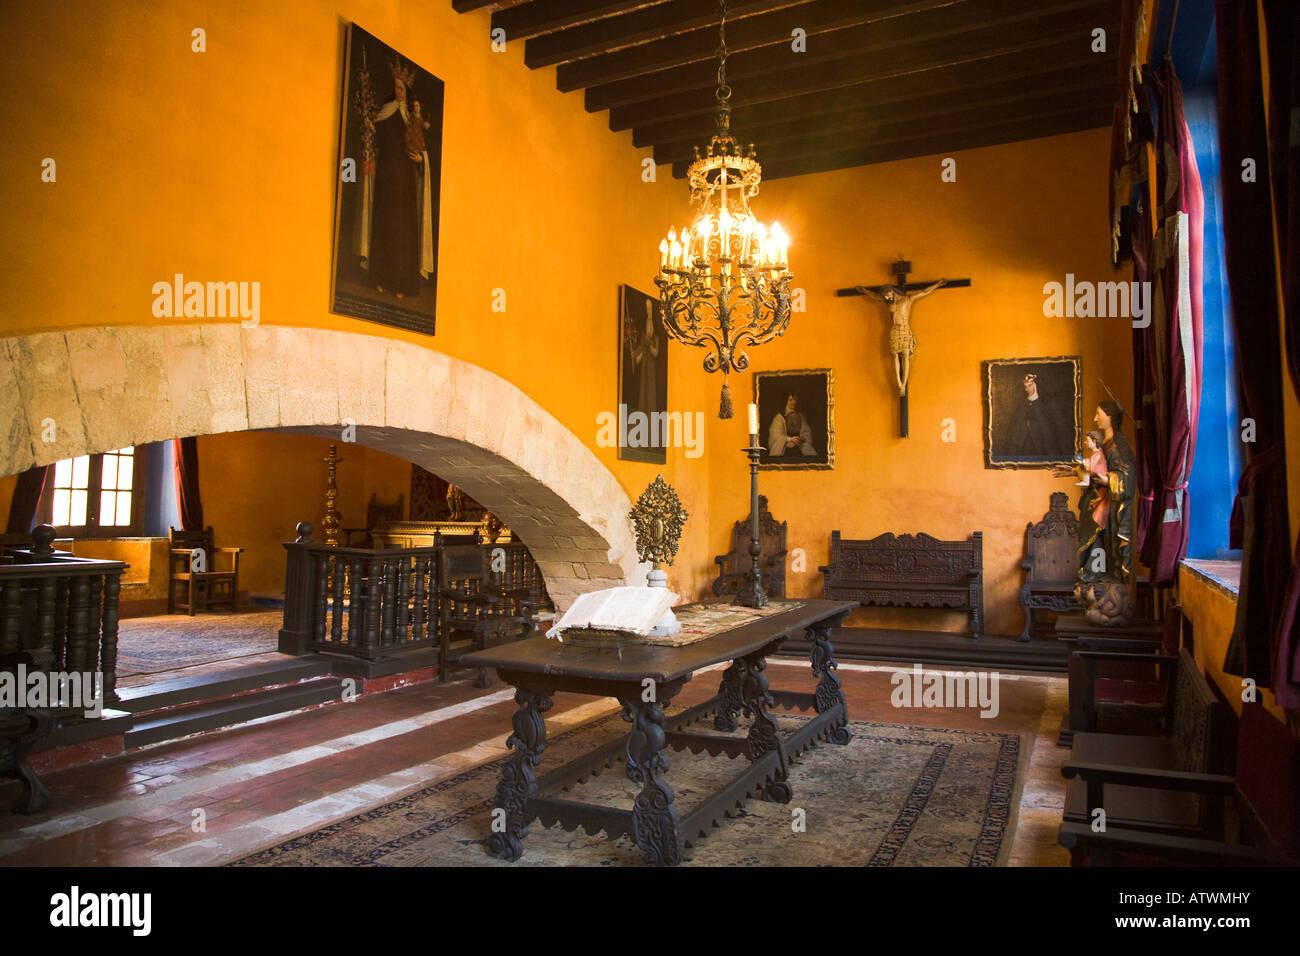 MEXICO Guanajuato Colonial Home Interior Wealthy Silver Baron Furniture And  Period Pieces Ex Hacienda De San